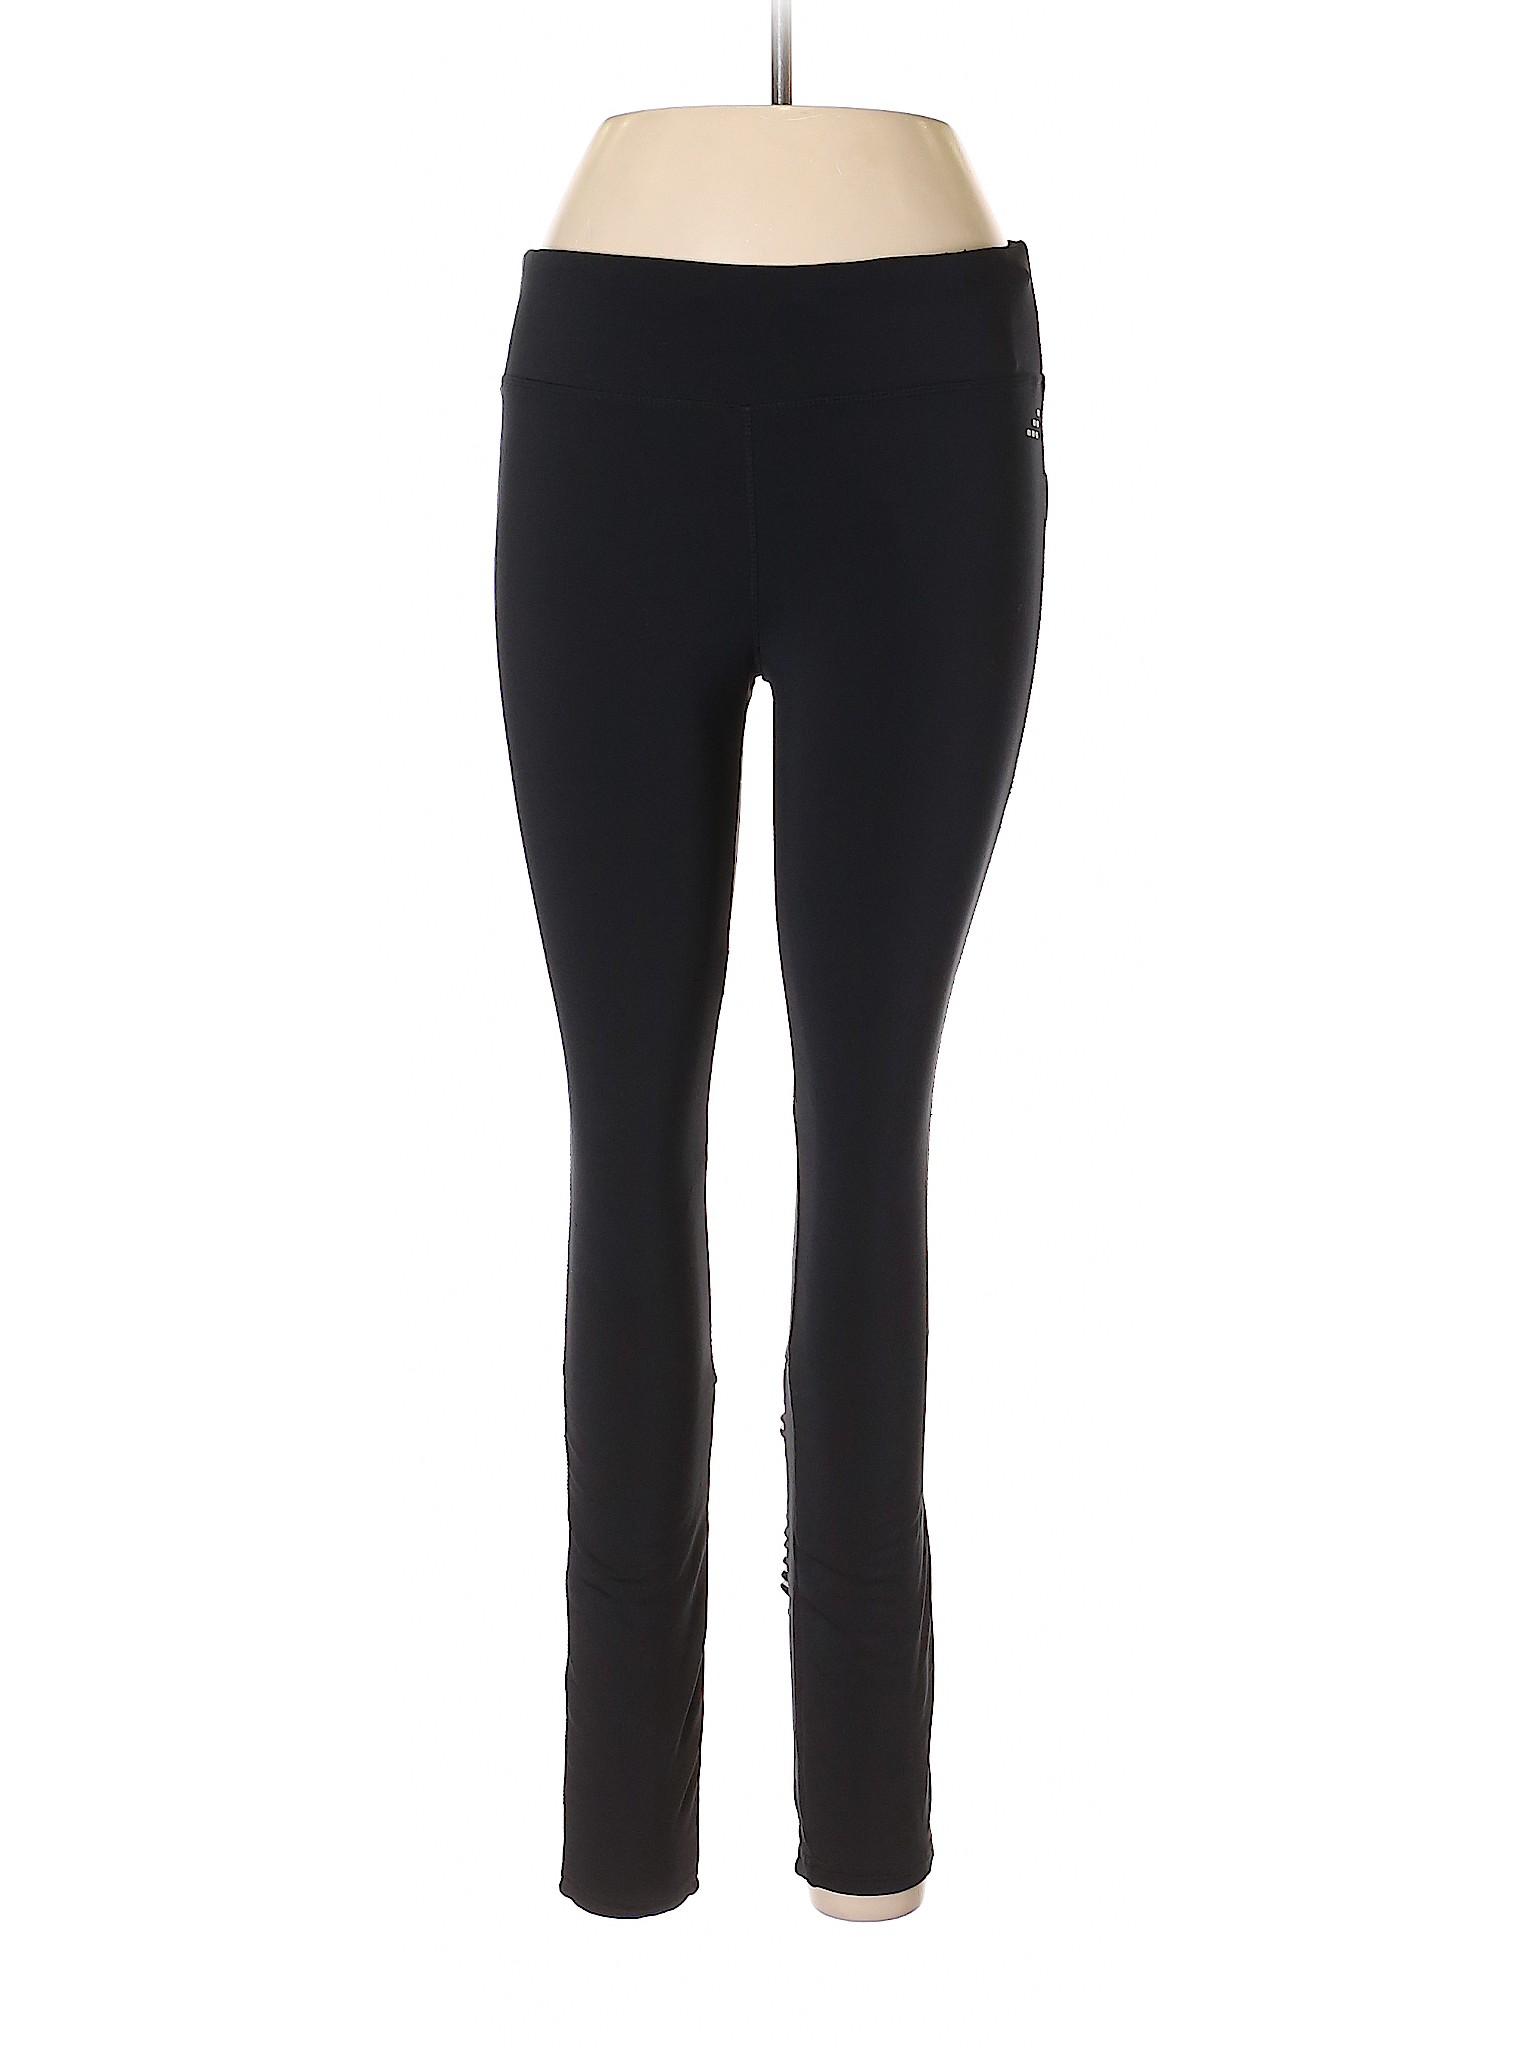 9b9a467b39b51b Bcg Women's Clothing On Sale Up To 90% Off Retail | thredUP